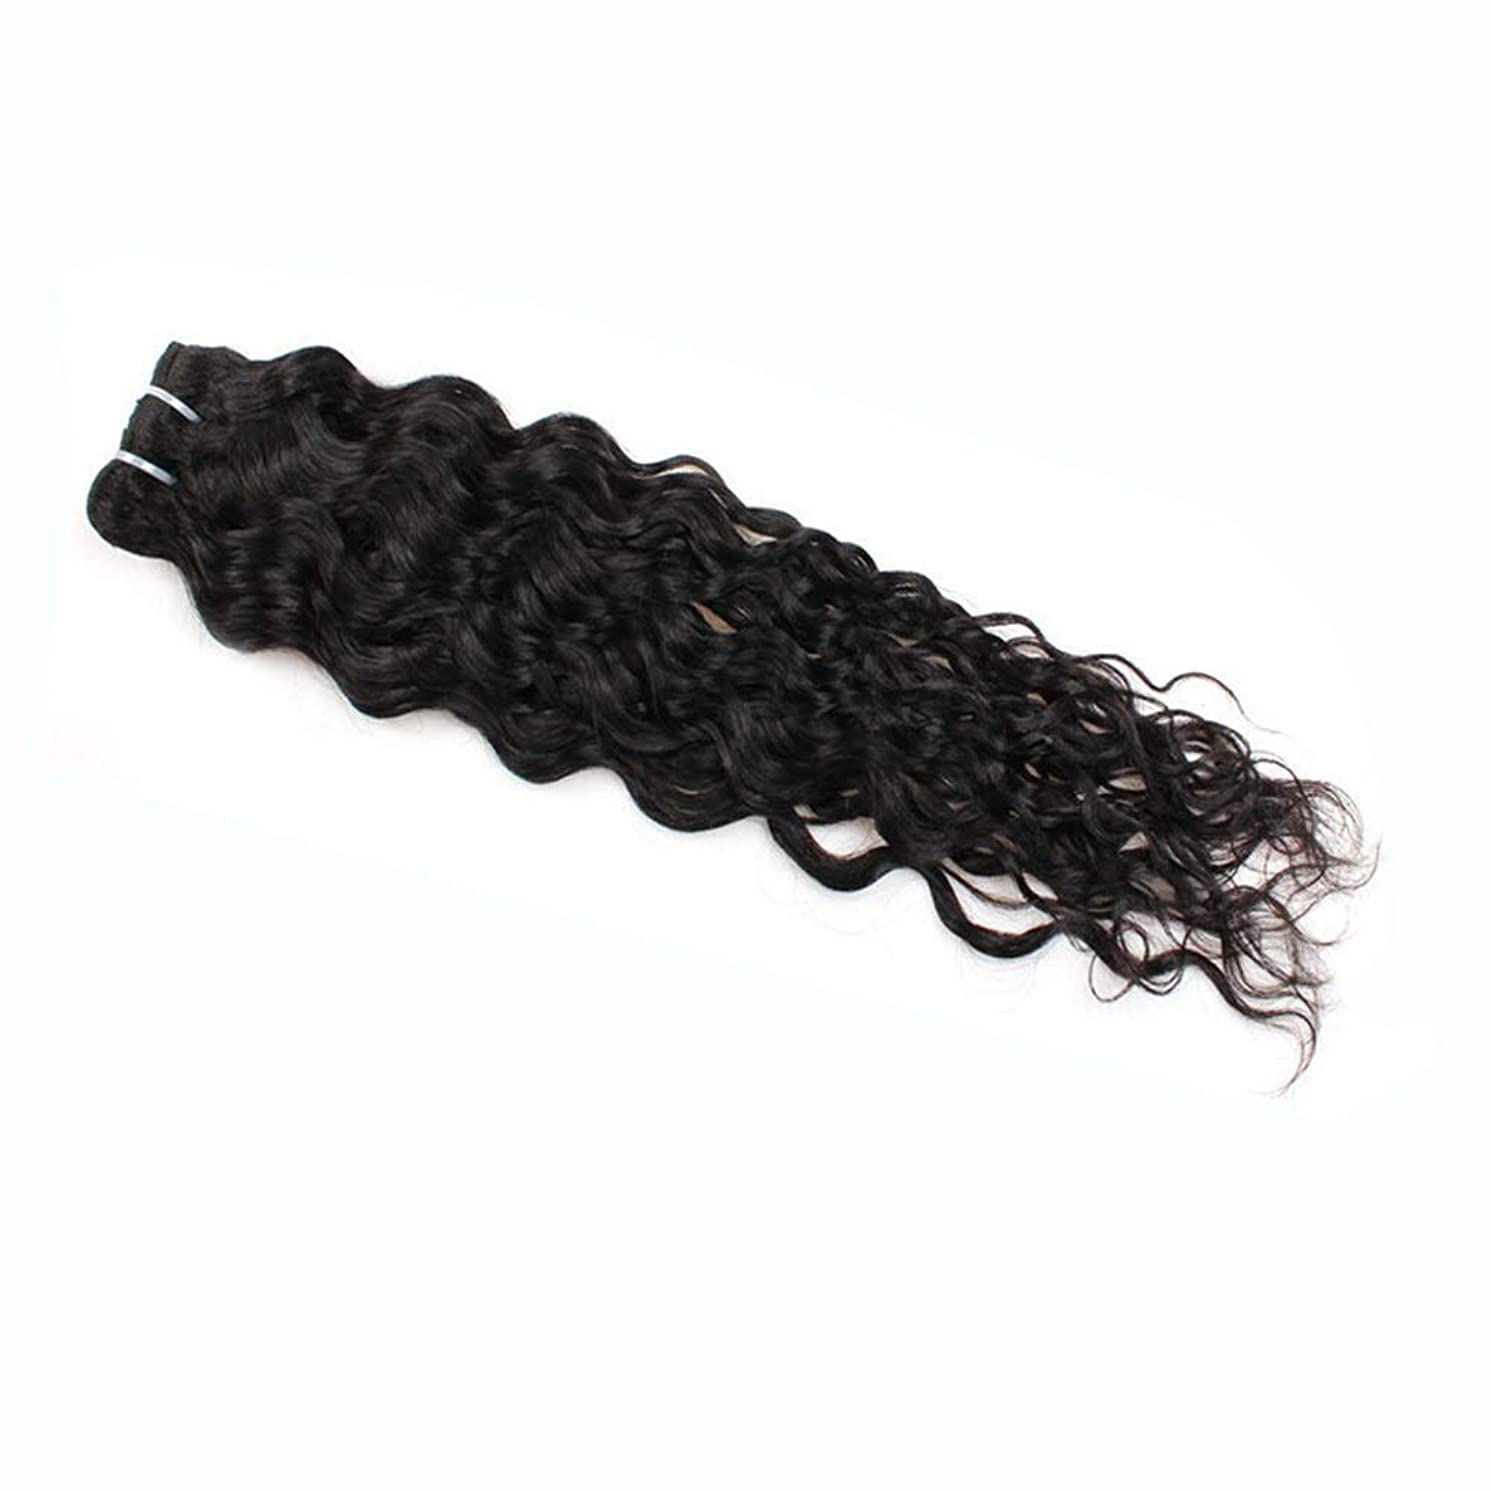 さておきしてはいけません熱帯のBOBIDYEE 7a未処理のバージンブラジル髪織り100%ブラジル水波人間の毛髪延長100グラム/バンドルナチュラルカラーパックの1複合ヘアレースかつらロールプレイングウィッグロングとショート女性自然 (色 : 黒, サイズ : 10 inch)